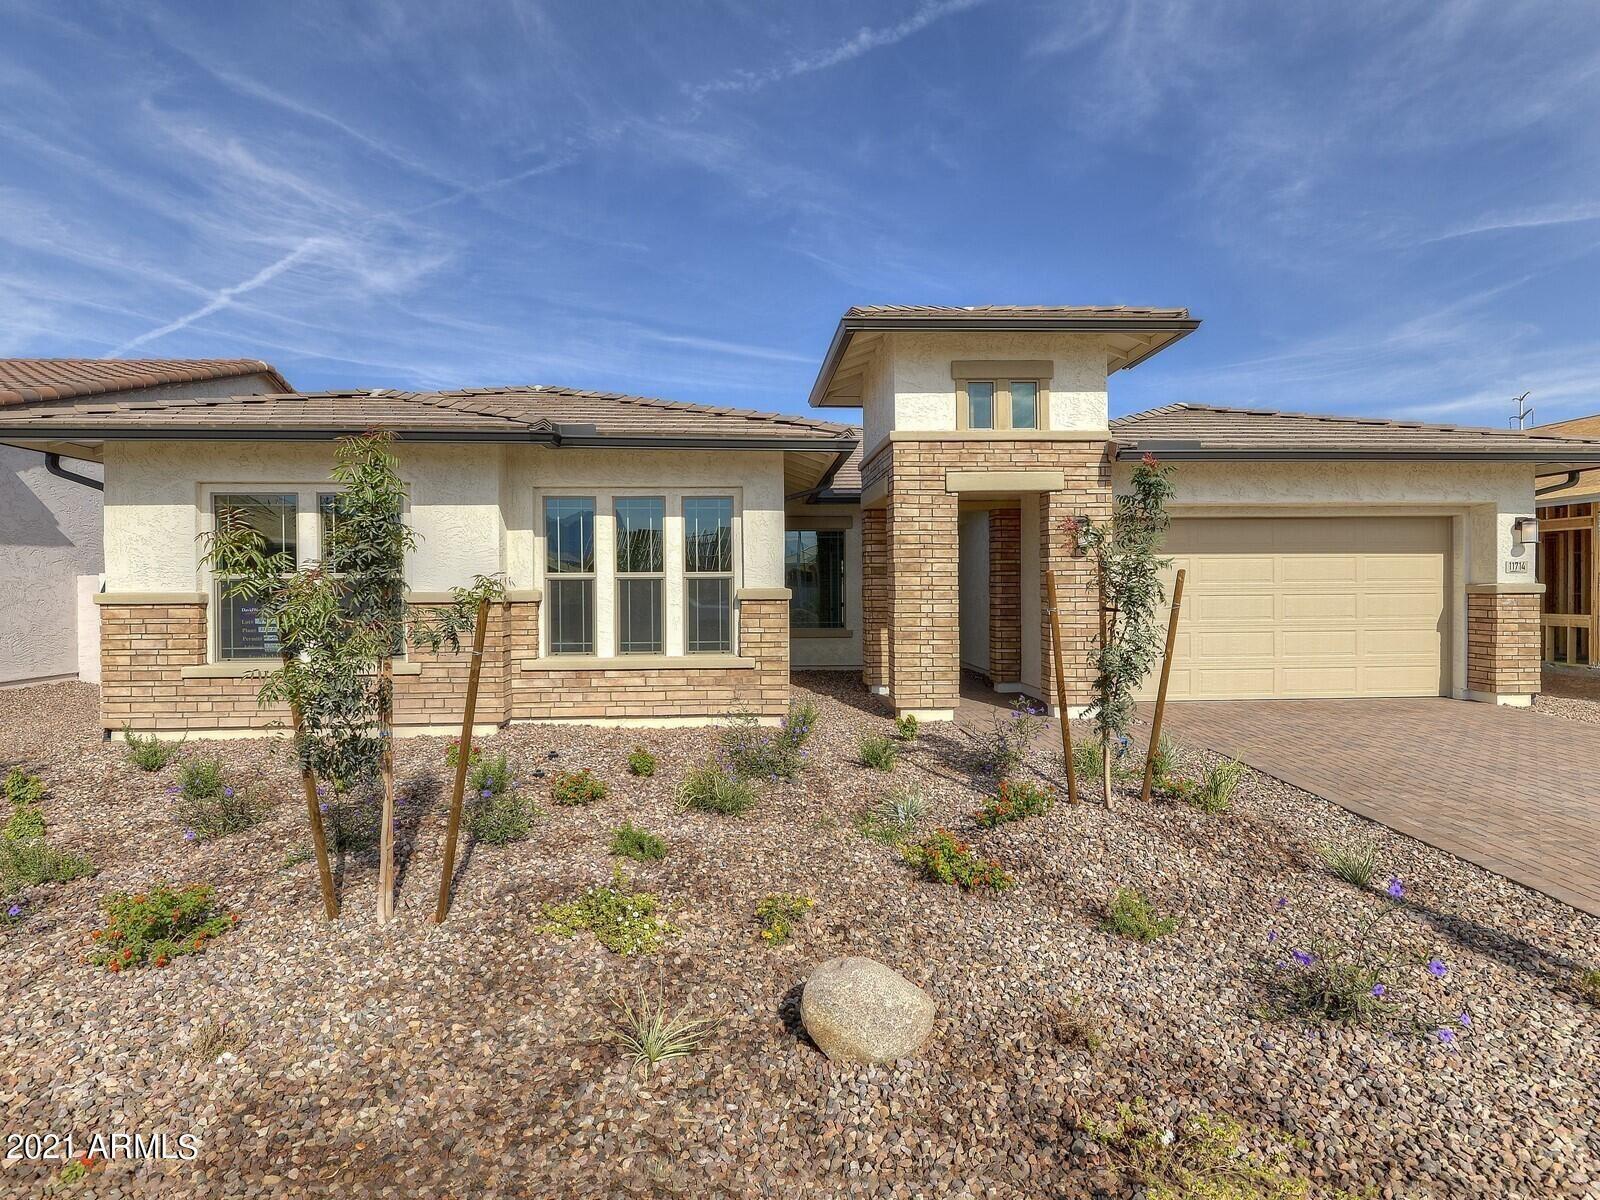 Photo of 11714 W Luxton Lane, Avondale, AZ 85323 (MLS # 6266752)